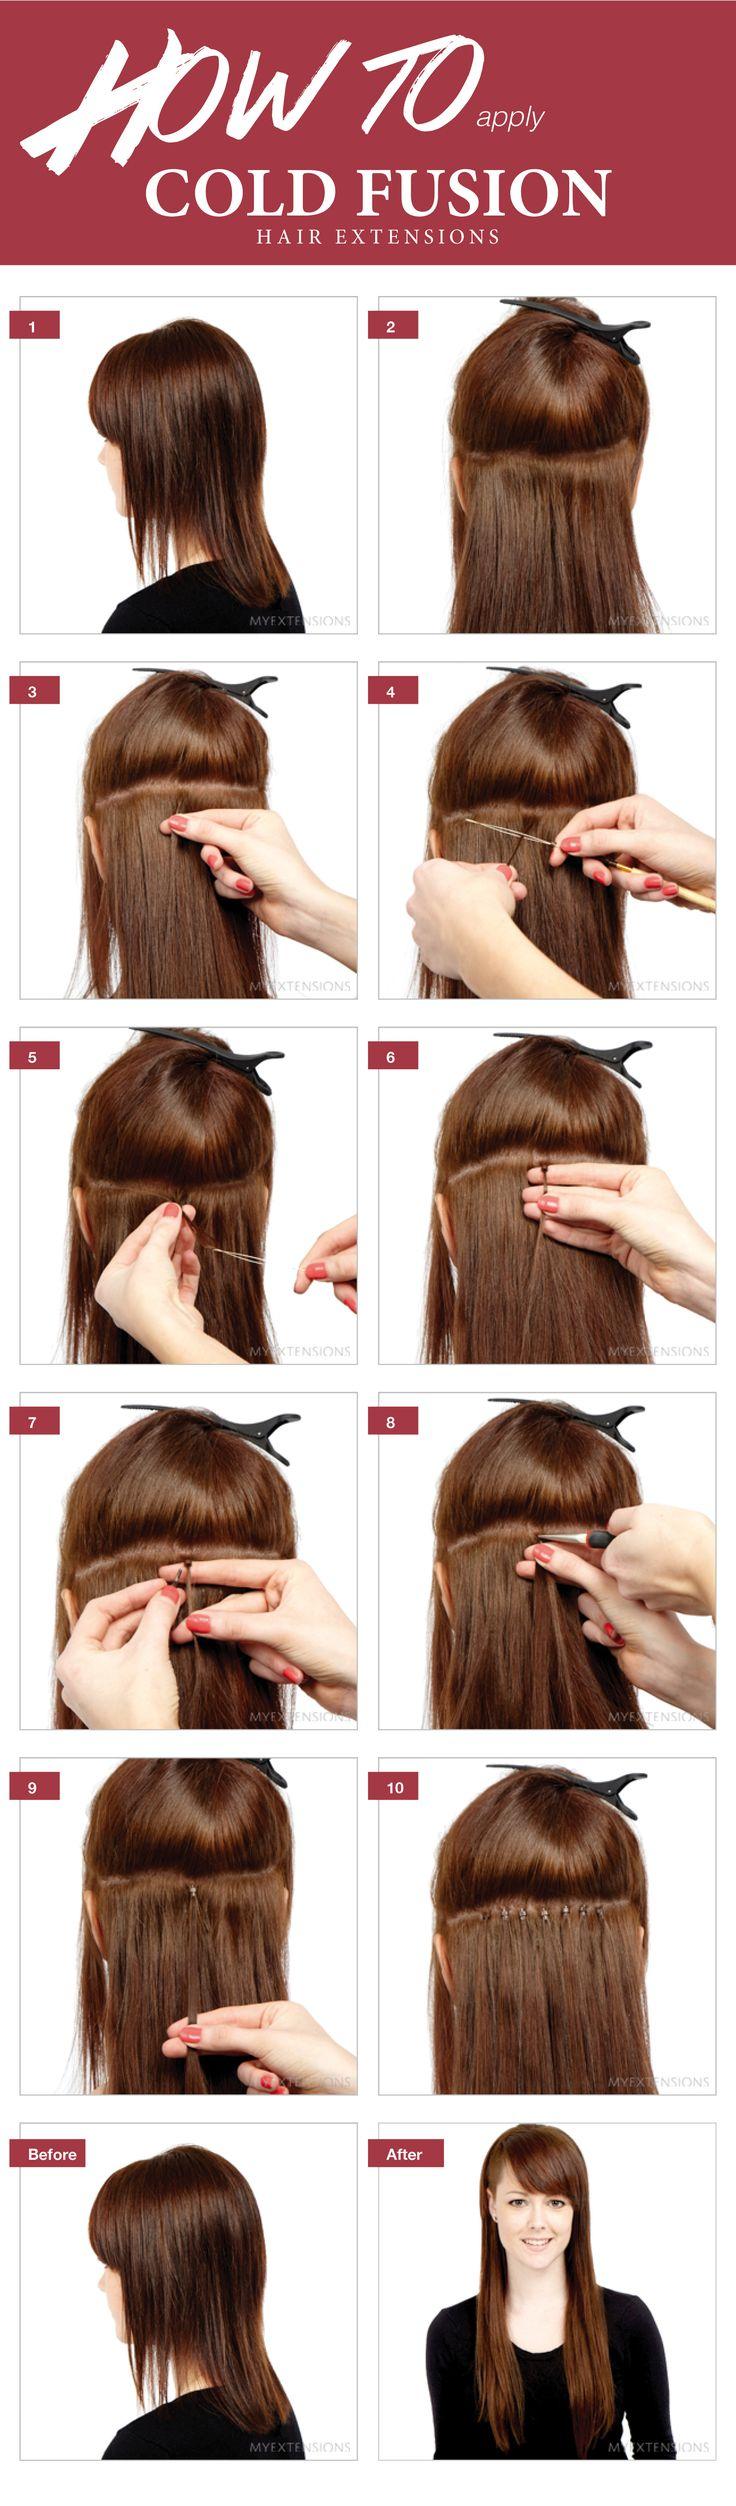 Step by step guide - Sådan påsætter du cold fusion hair extensions - se mere på http://www.myextensions.dk/da/paasaetning-af-cold-fusion